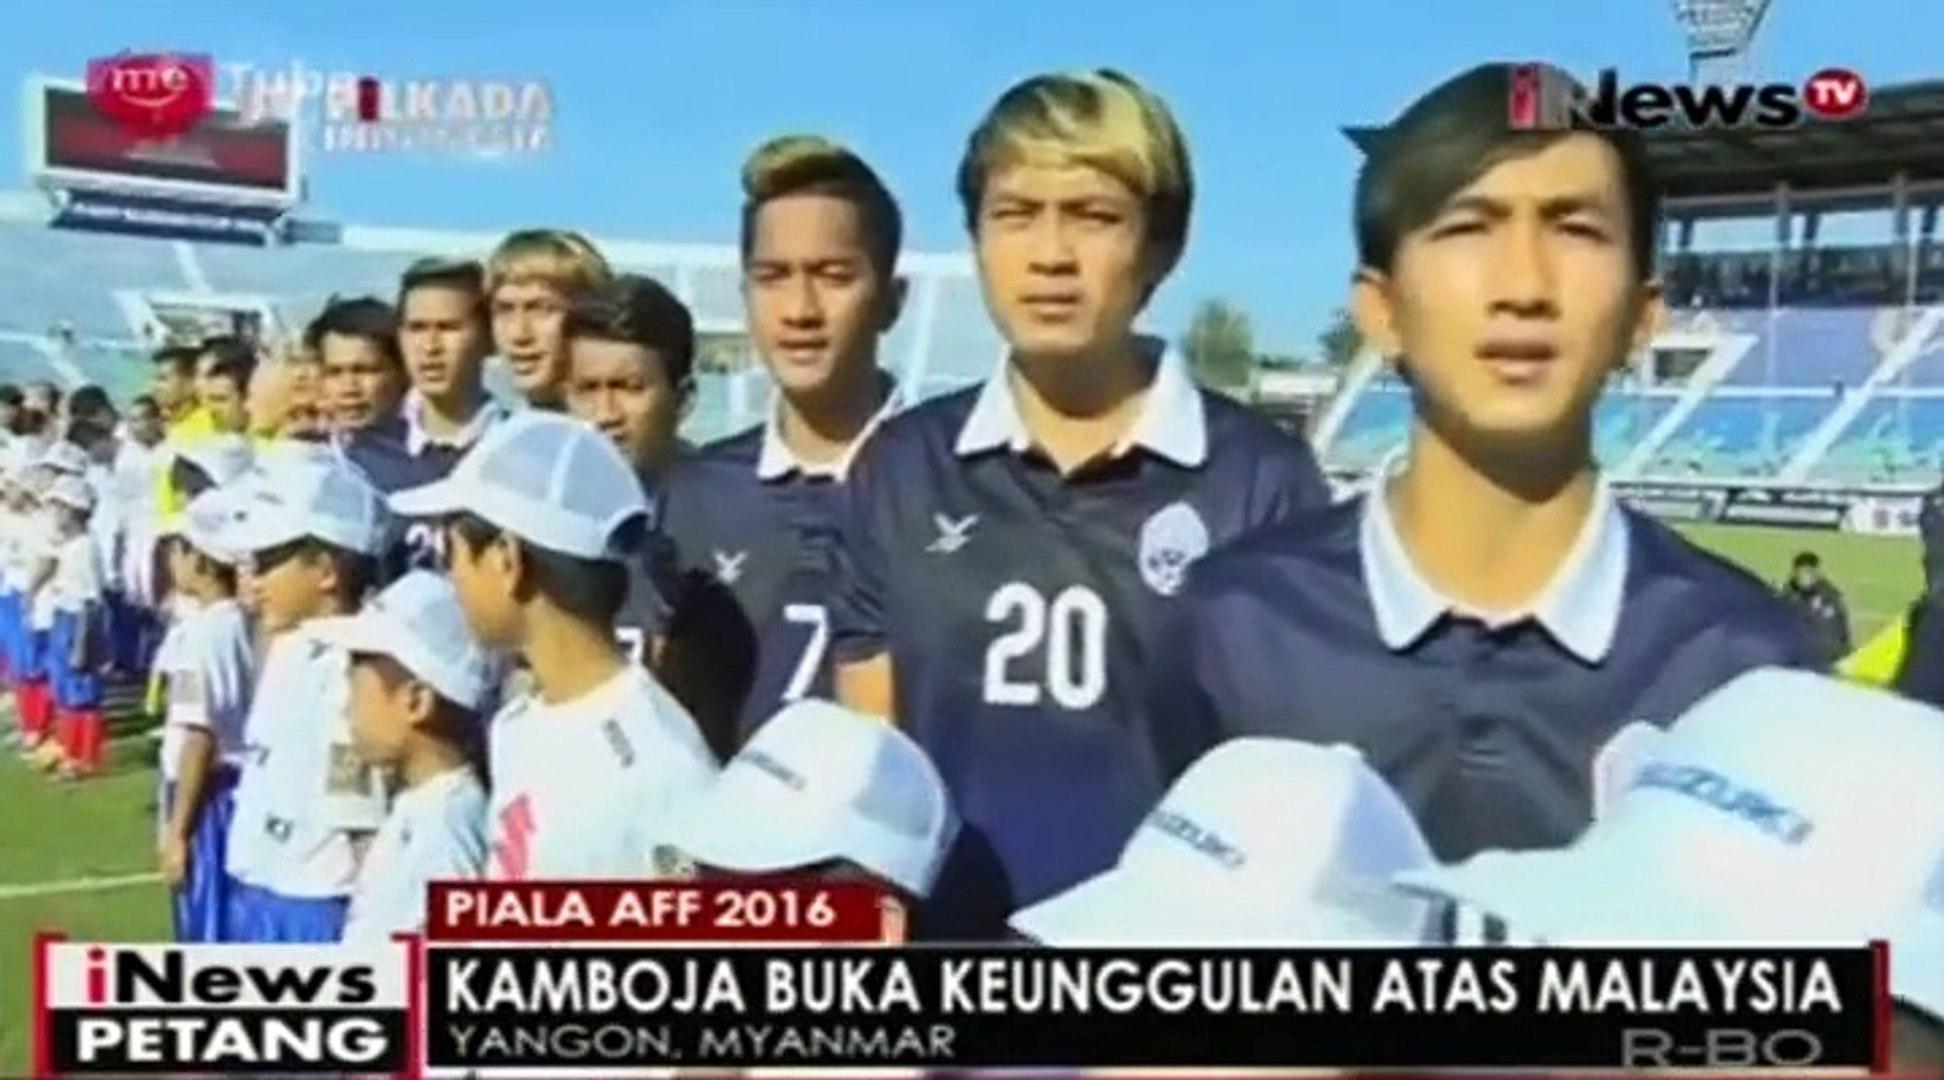 Tampil Impresif Malaysia Kalahkan Kamboja 3-2 di Laga Piala AFF 2016